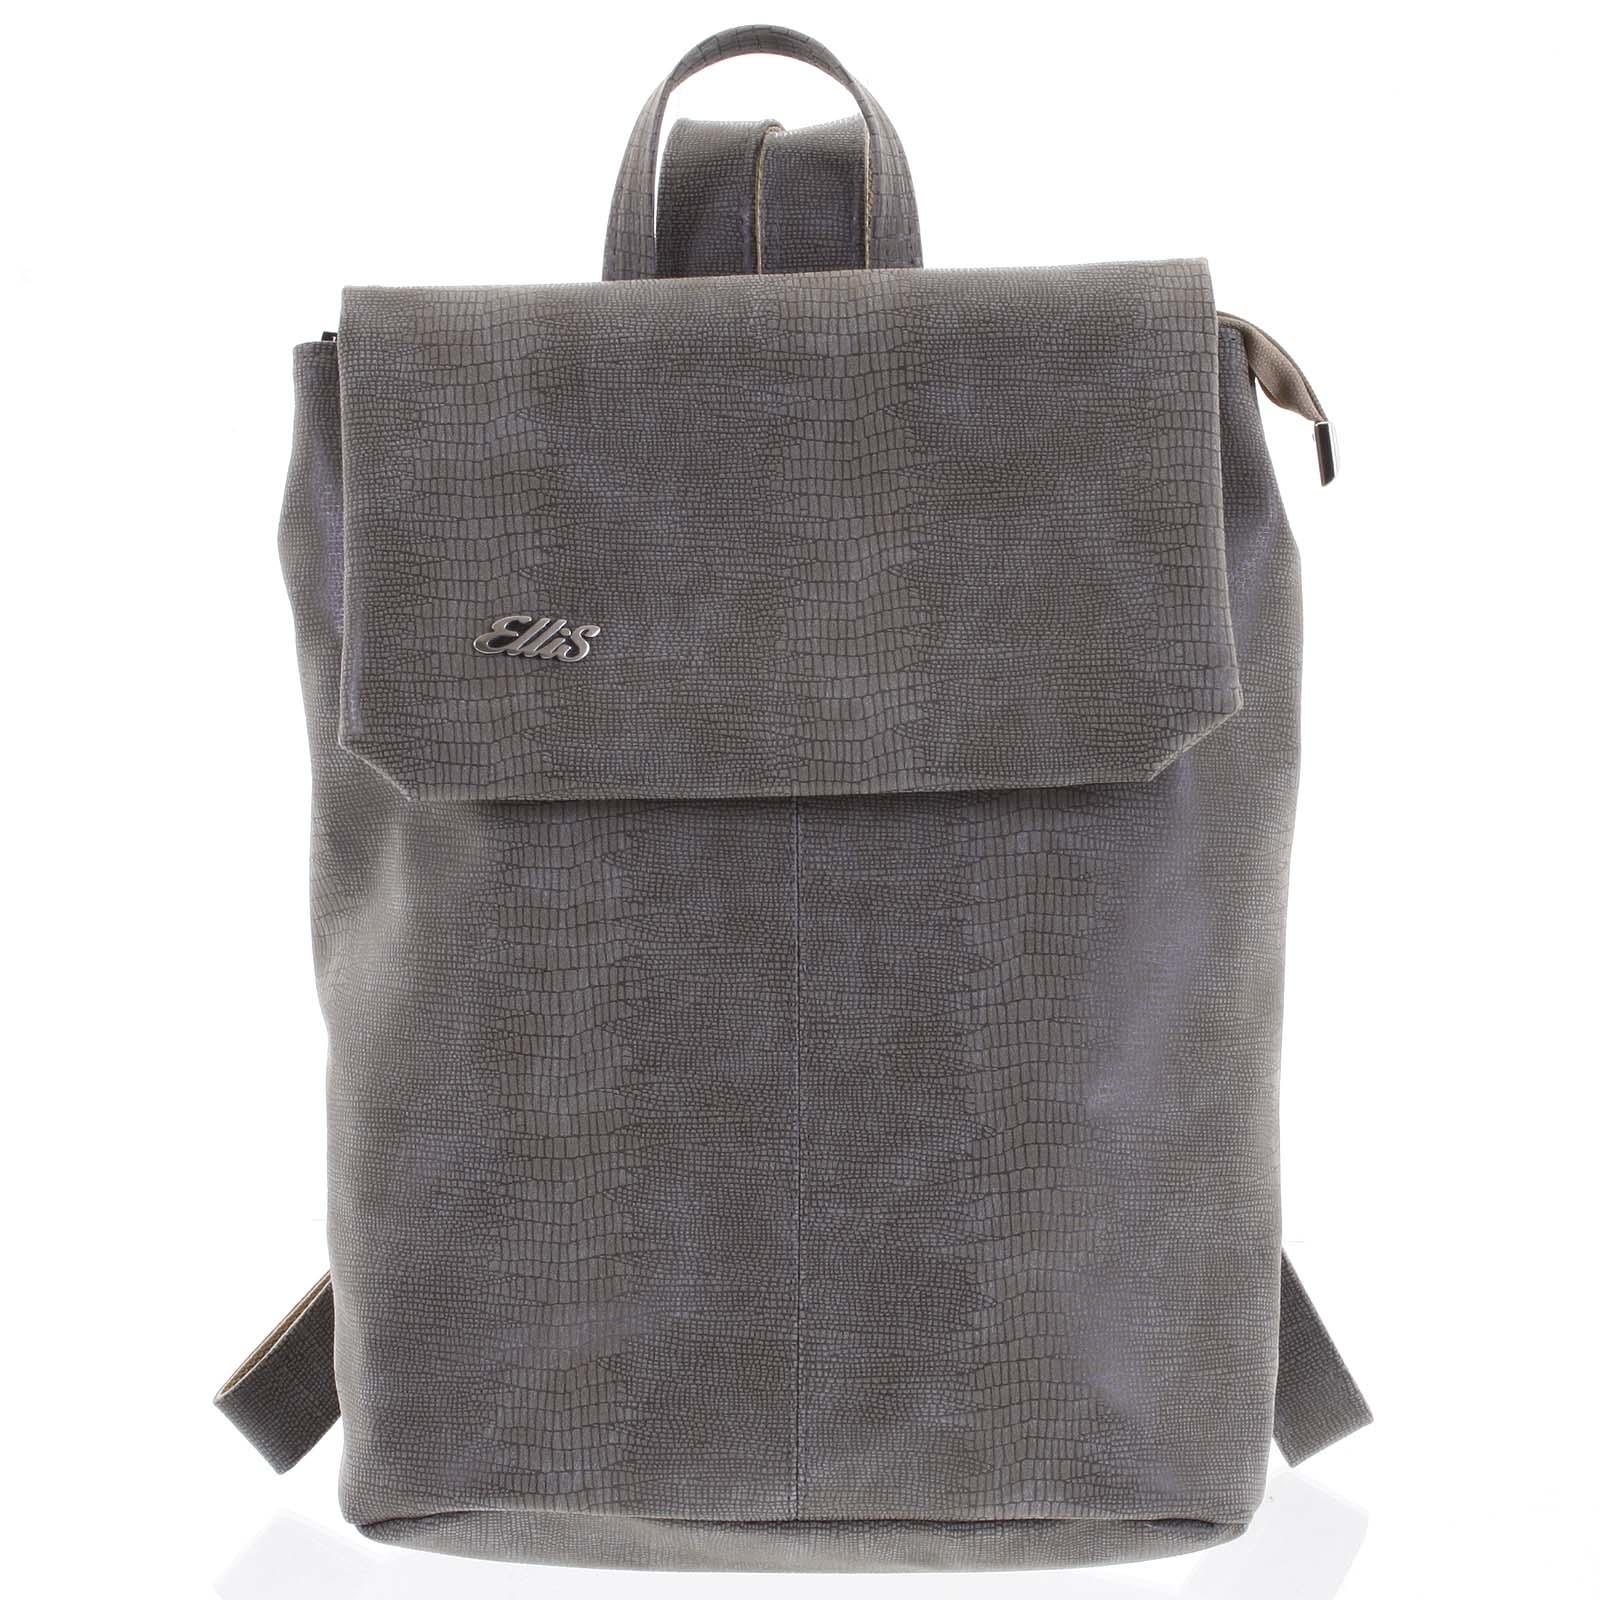 Větší měkký dámský moderní taupe batoh - Ellis Elizabeth